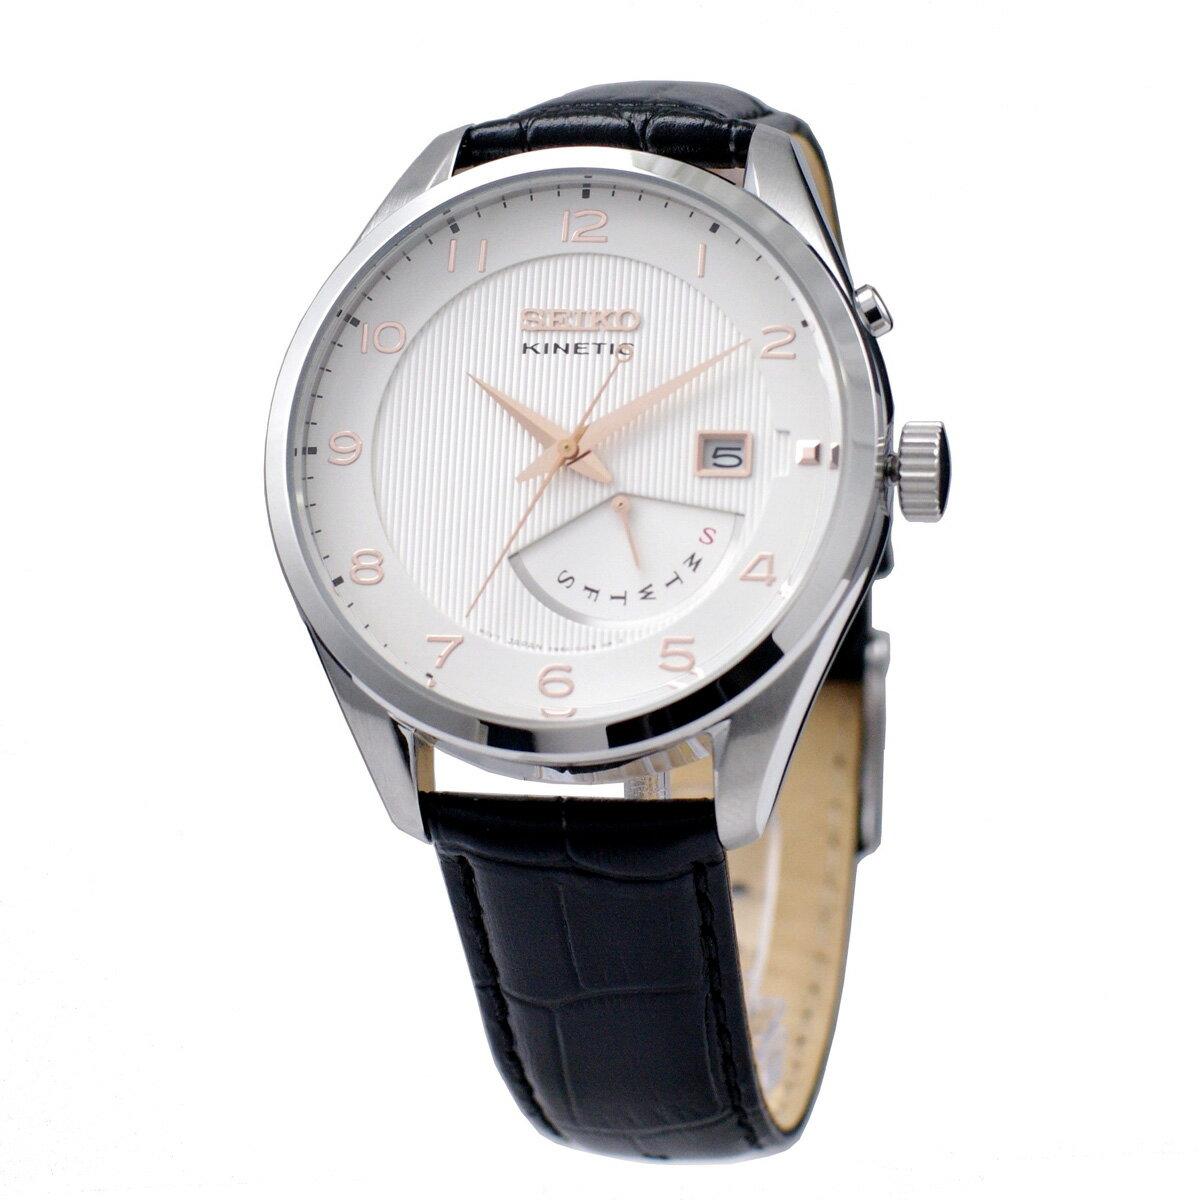 セイコー SEIKO 腕時計 海外モデル KINETIC キネティック レトログラード SRN049P1 メンズ [逆輸入品]